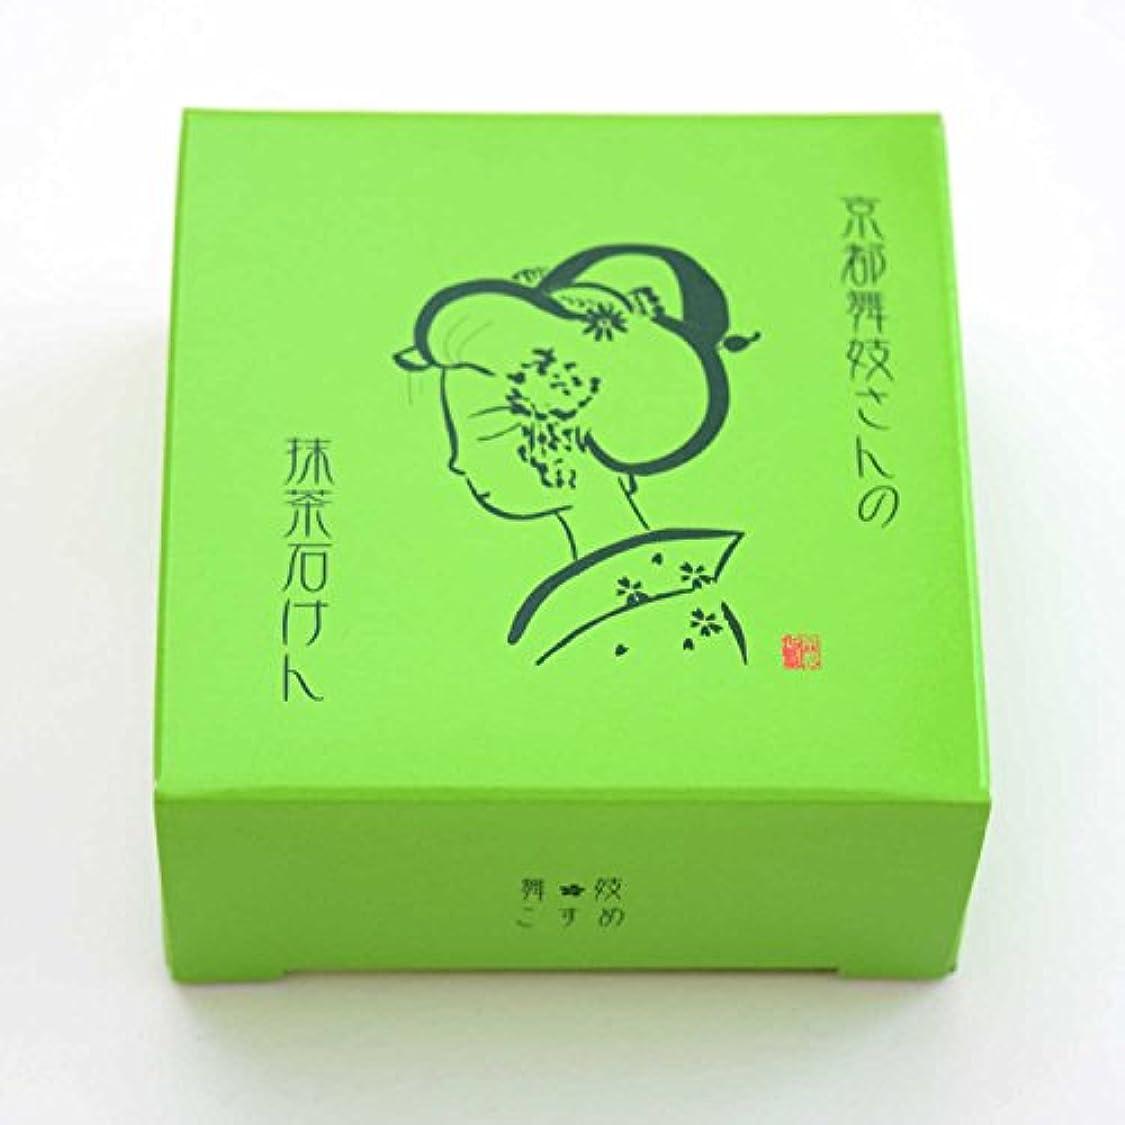 繁栄するゴネリルしなやか京都限定 舞妓さんの抹茶石鹸 茶エキス配合 無香料